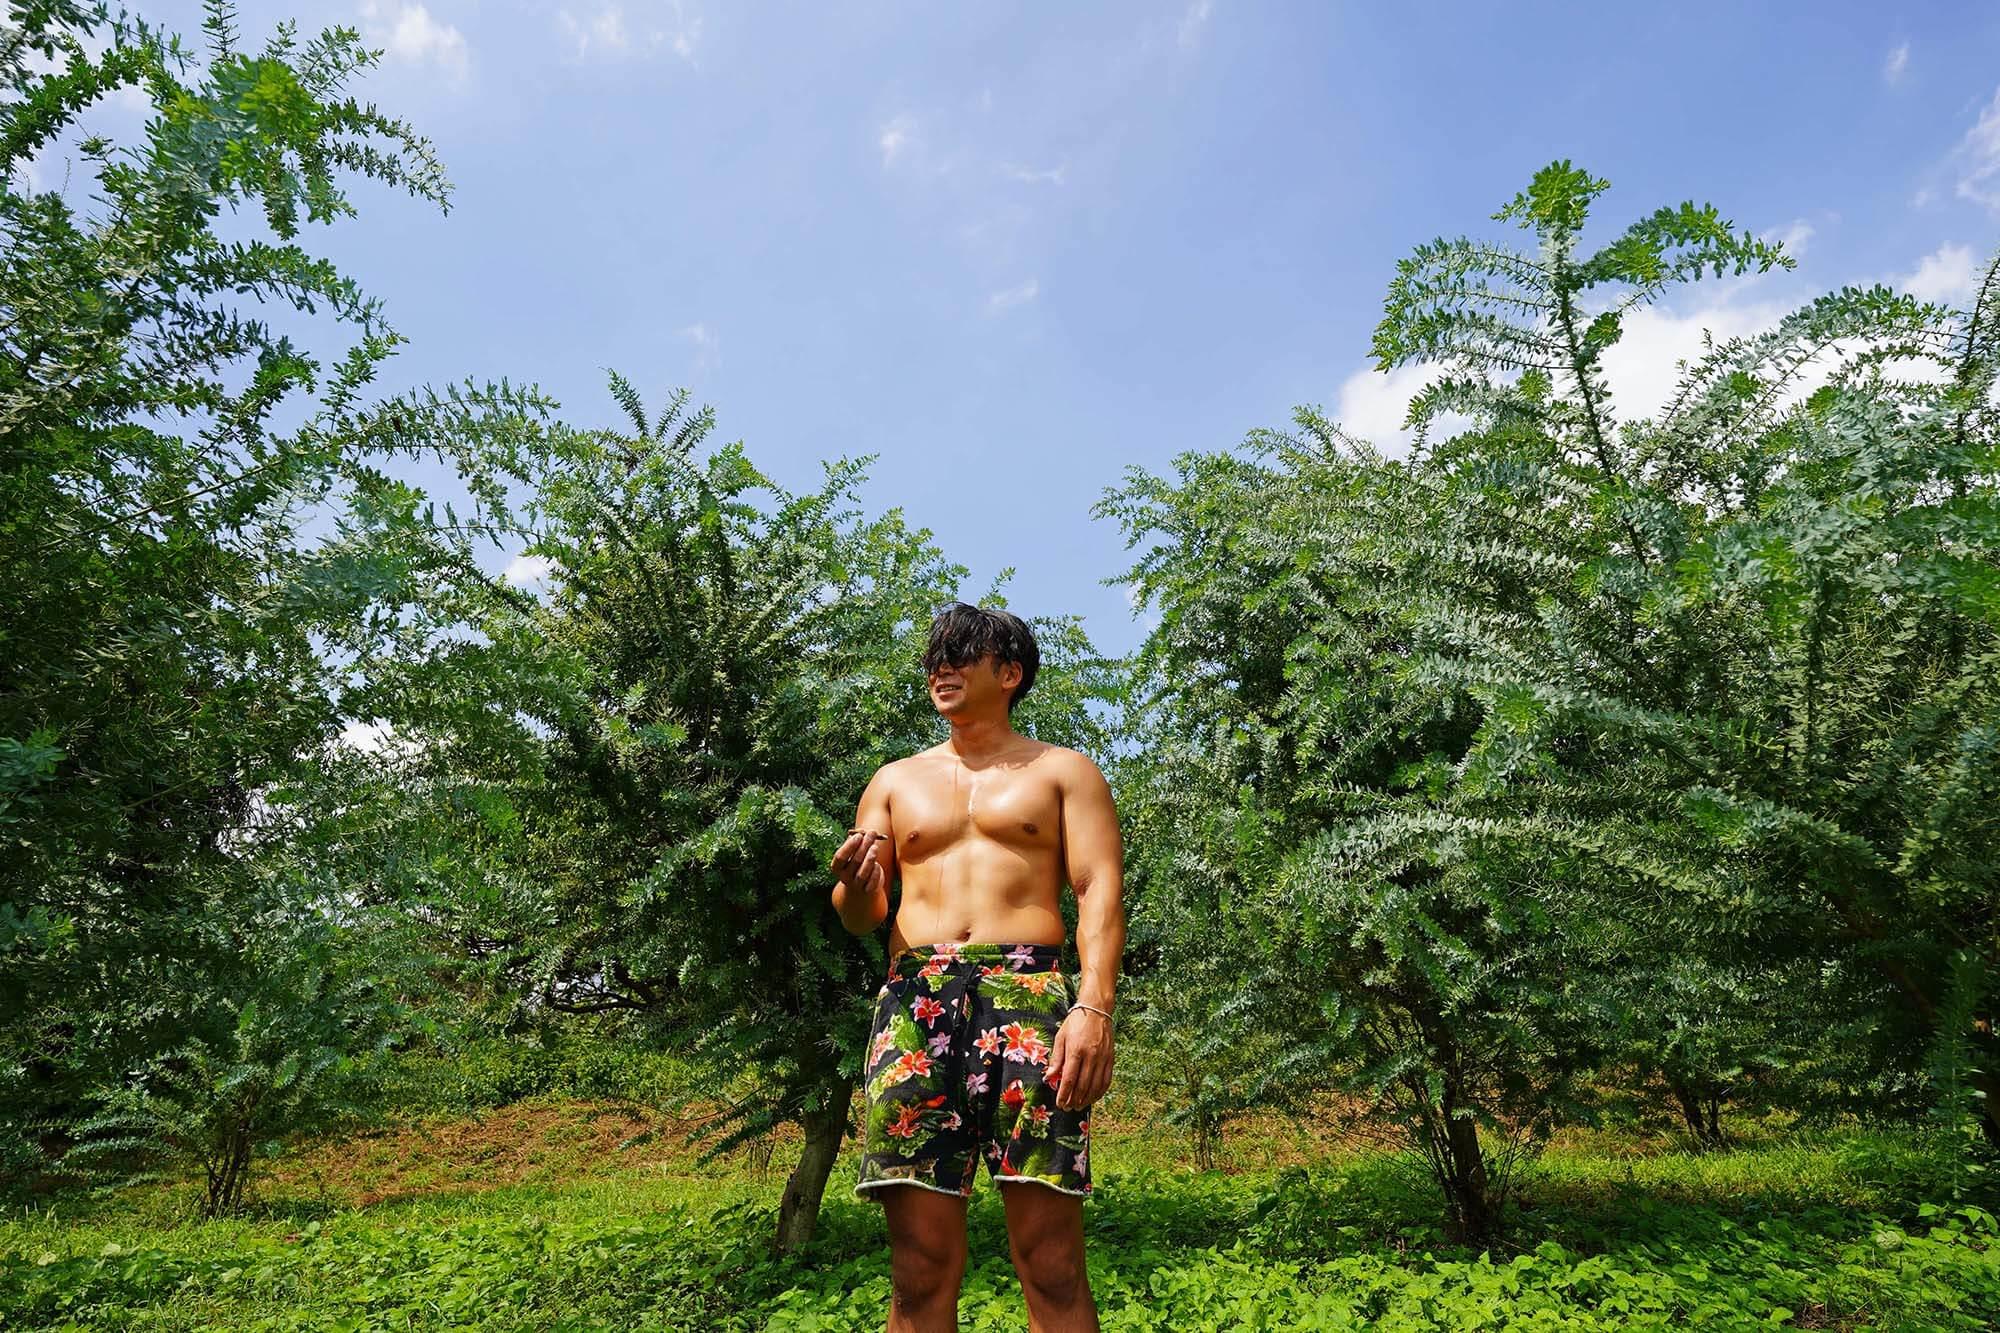 ワトルギャラリー|ミモザ・ユーカリ・バラを取り扱う生産者団体「Mr.Wattle(ミスターワトル)」